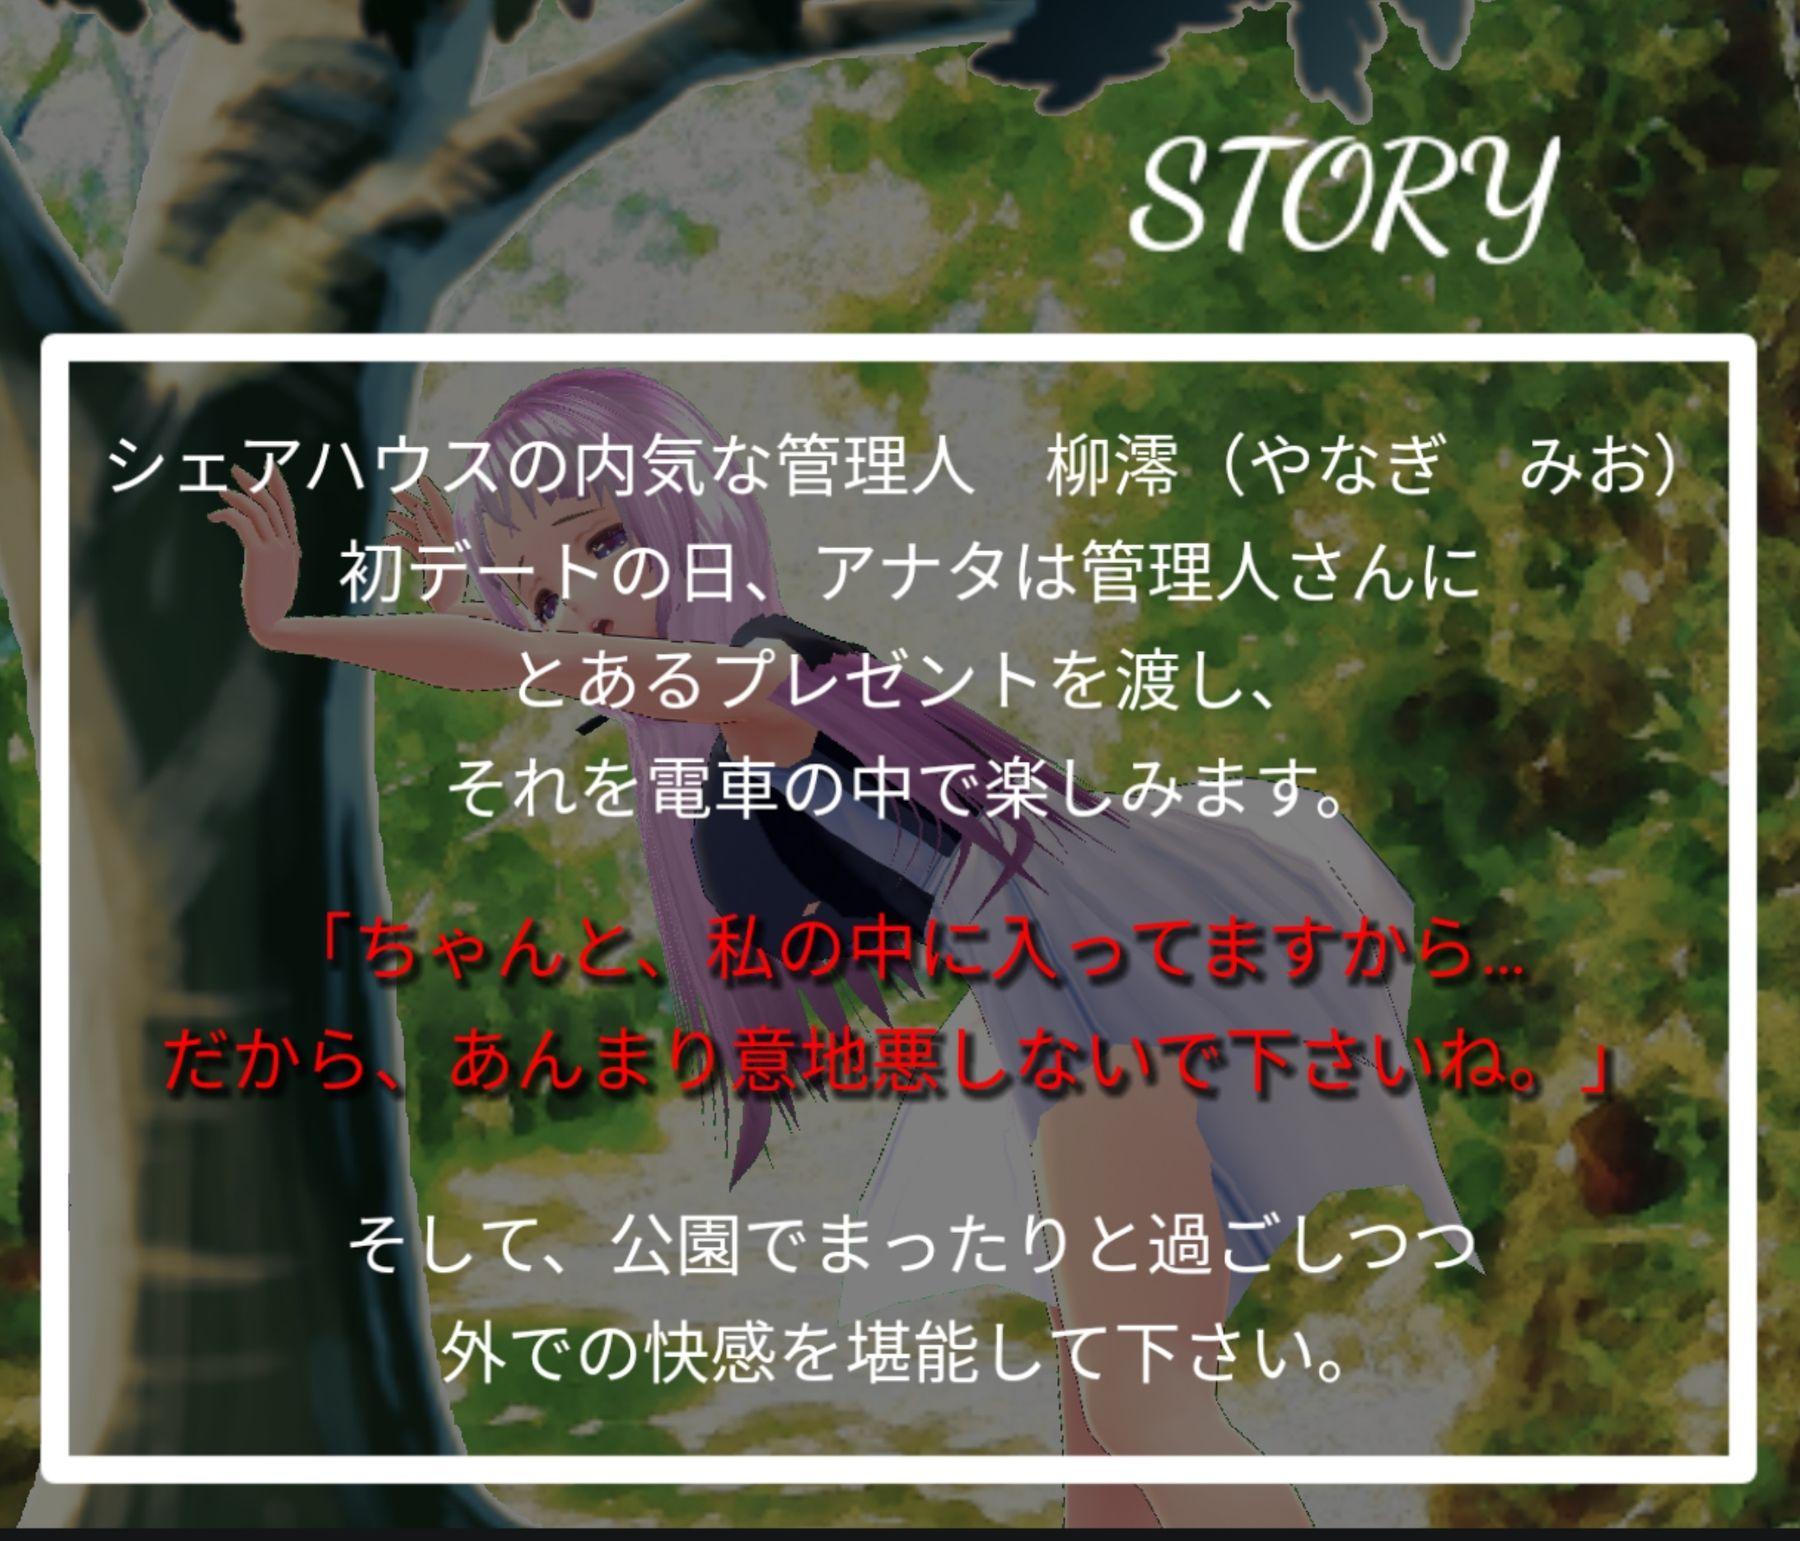 【りんご飴 同人】ヒミツのシェアハウスvol.3(管理人さんと初デート)